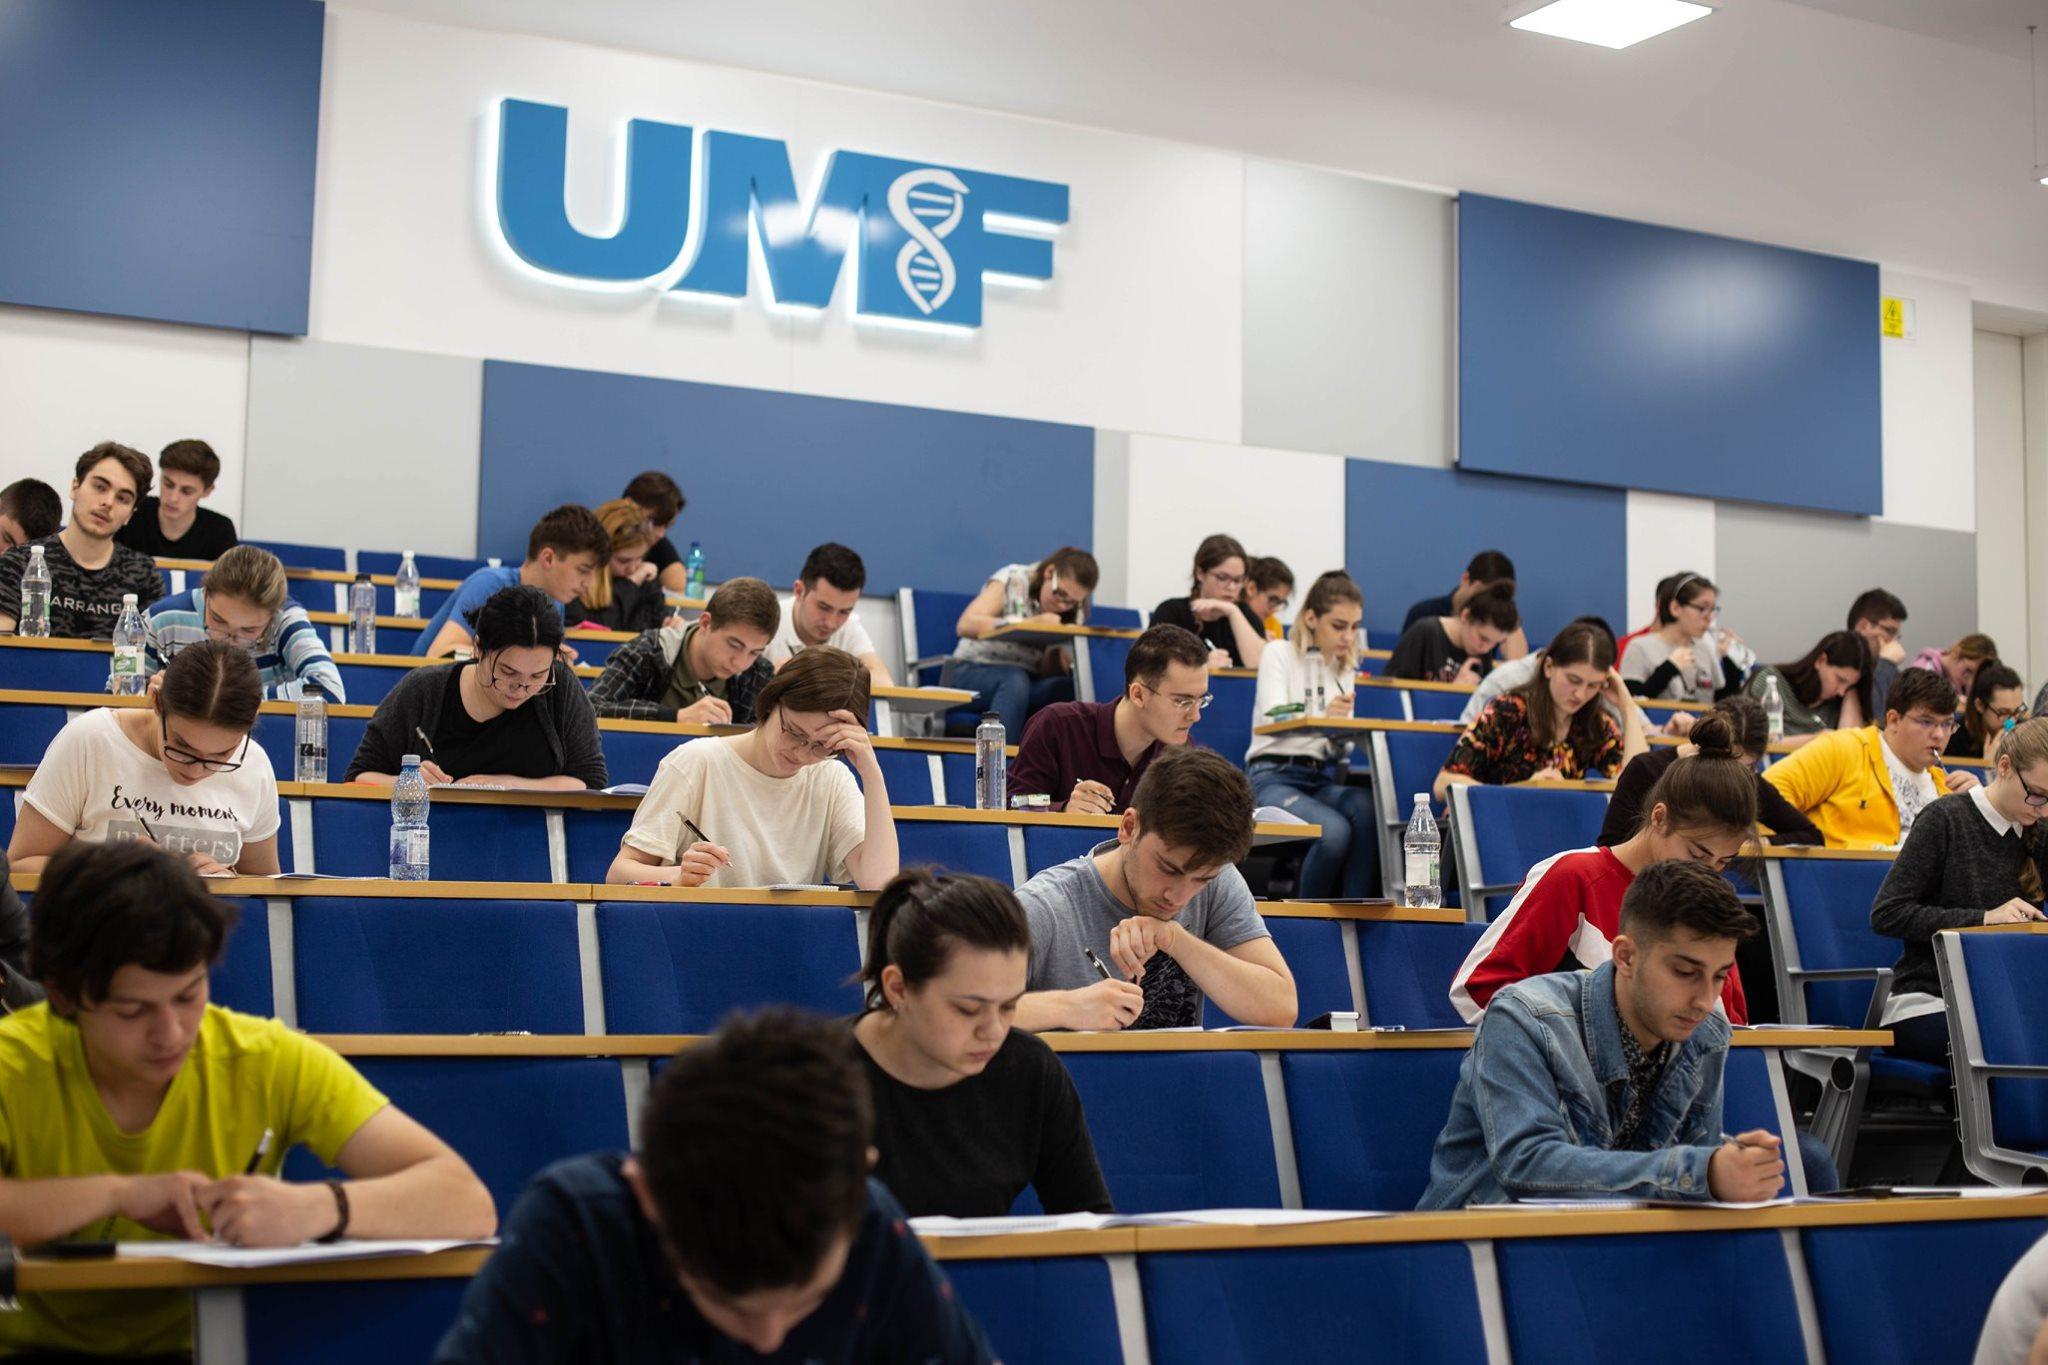 Aproximativ 3.900 de candidați s-au înscris la admitere la UMFST Târgu Mureș. Cea mai mare concurență din țară se înregistrează la Medicină, limba română